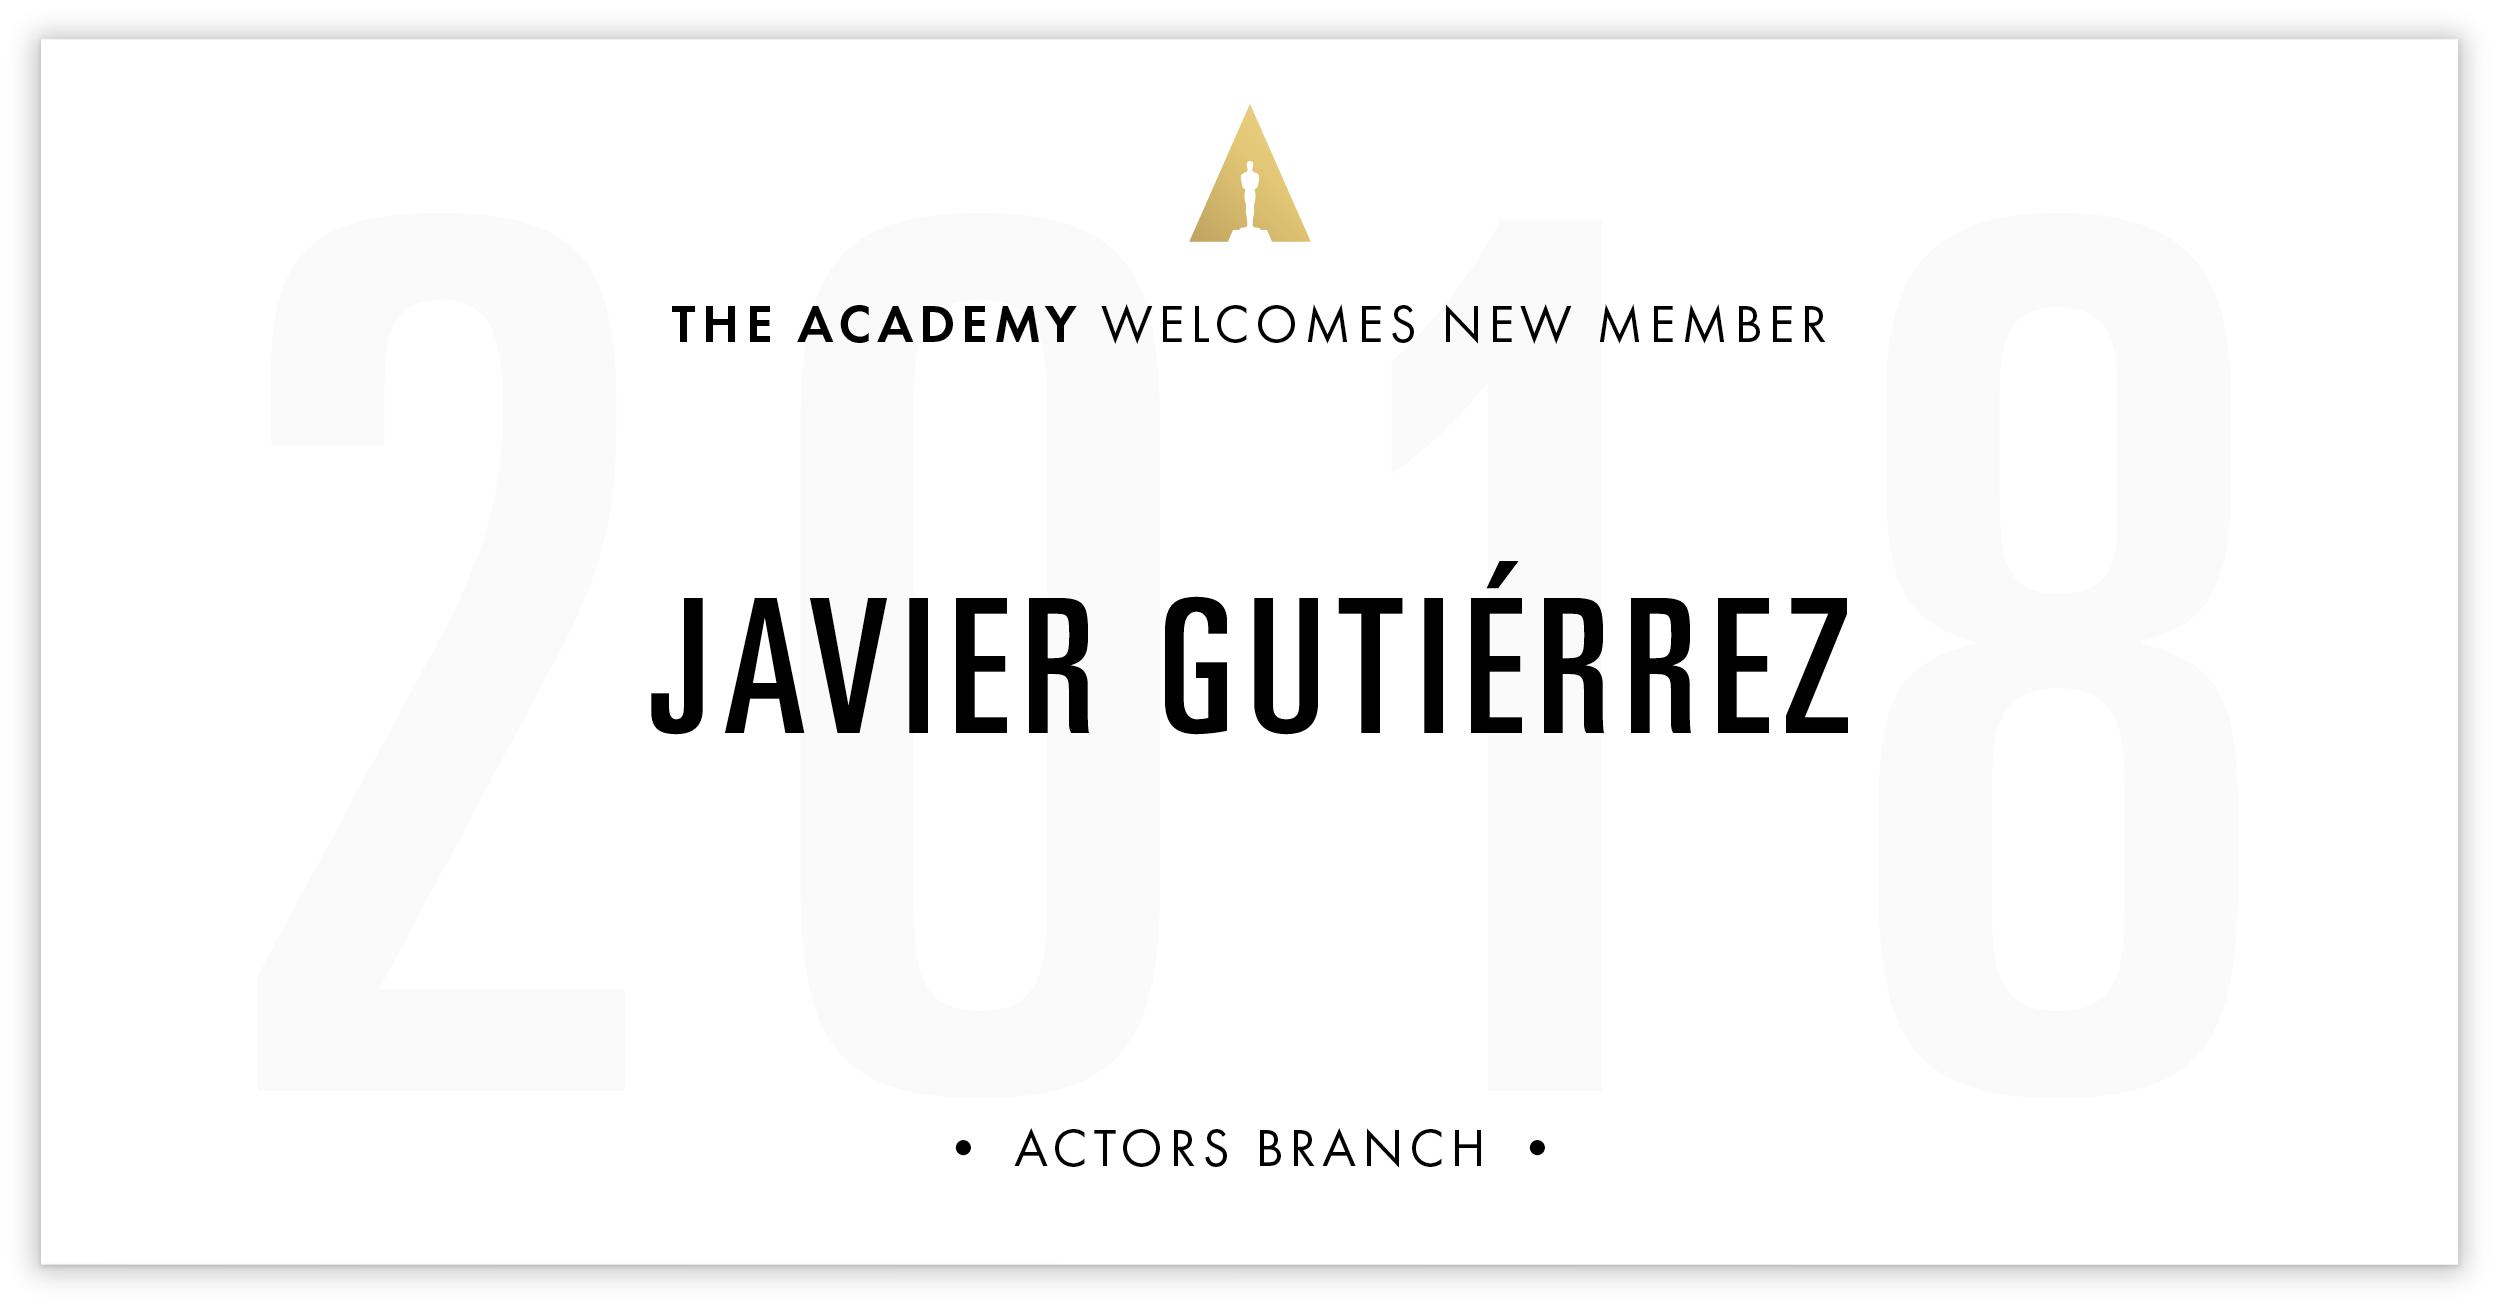 Javier Gutiérrez is invited!